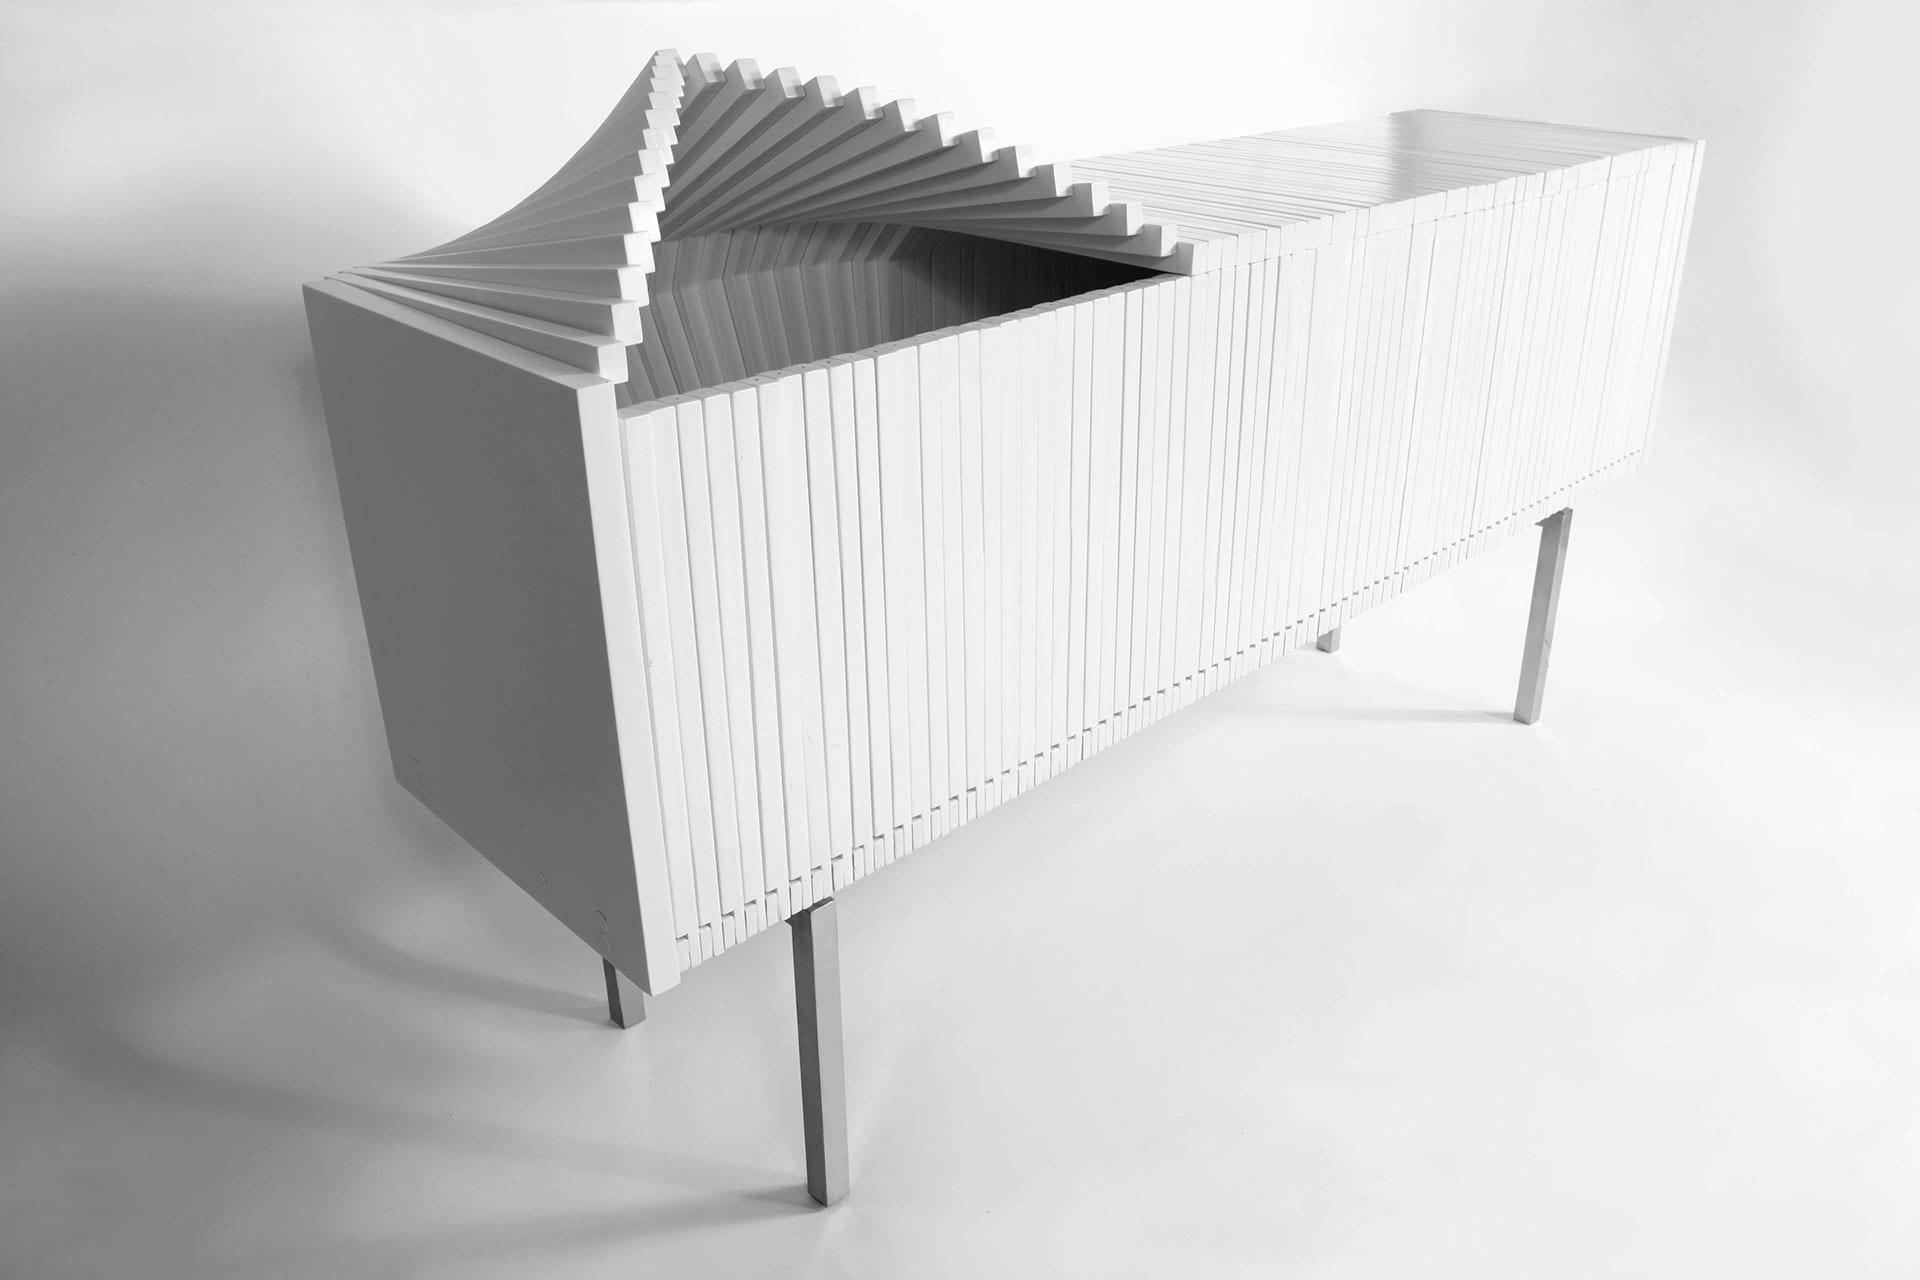 Moderne Sideboards Weiß Aus Holz Für Moderne Wohnzimmereinrichtung